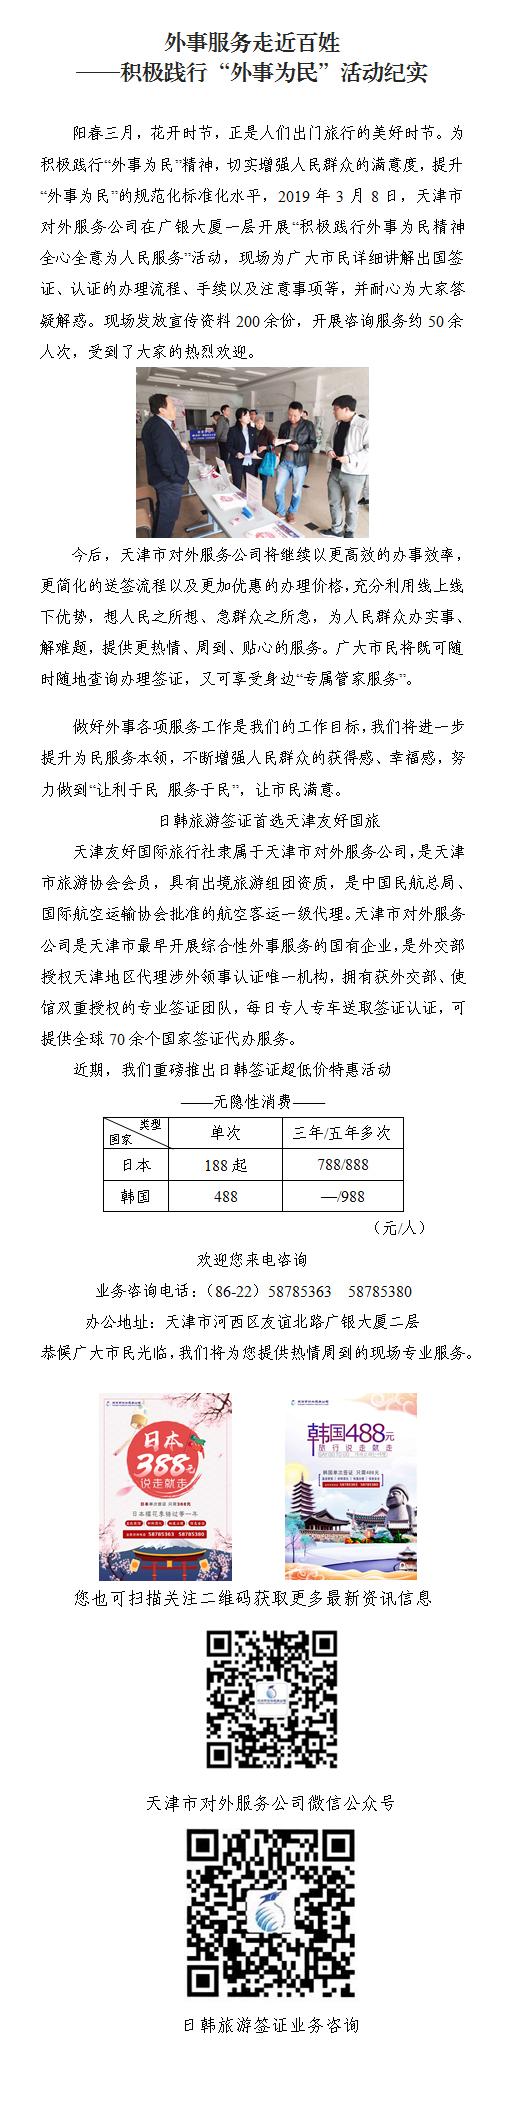 """外事服务走近百姓—积极践行""""外事为民""""活动纪实"""